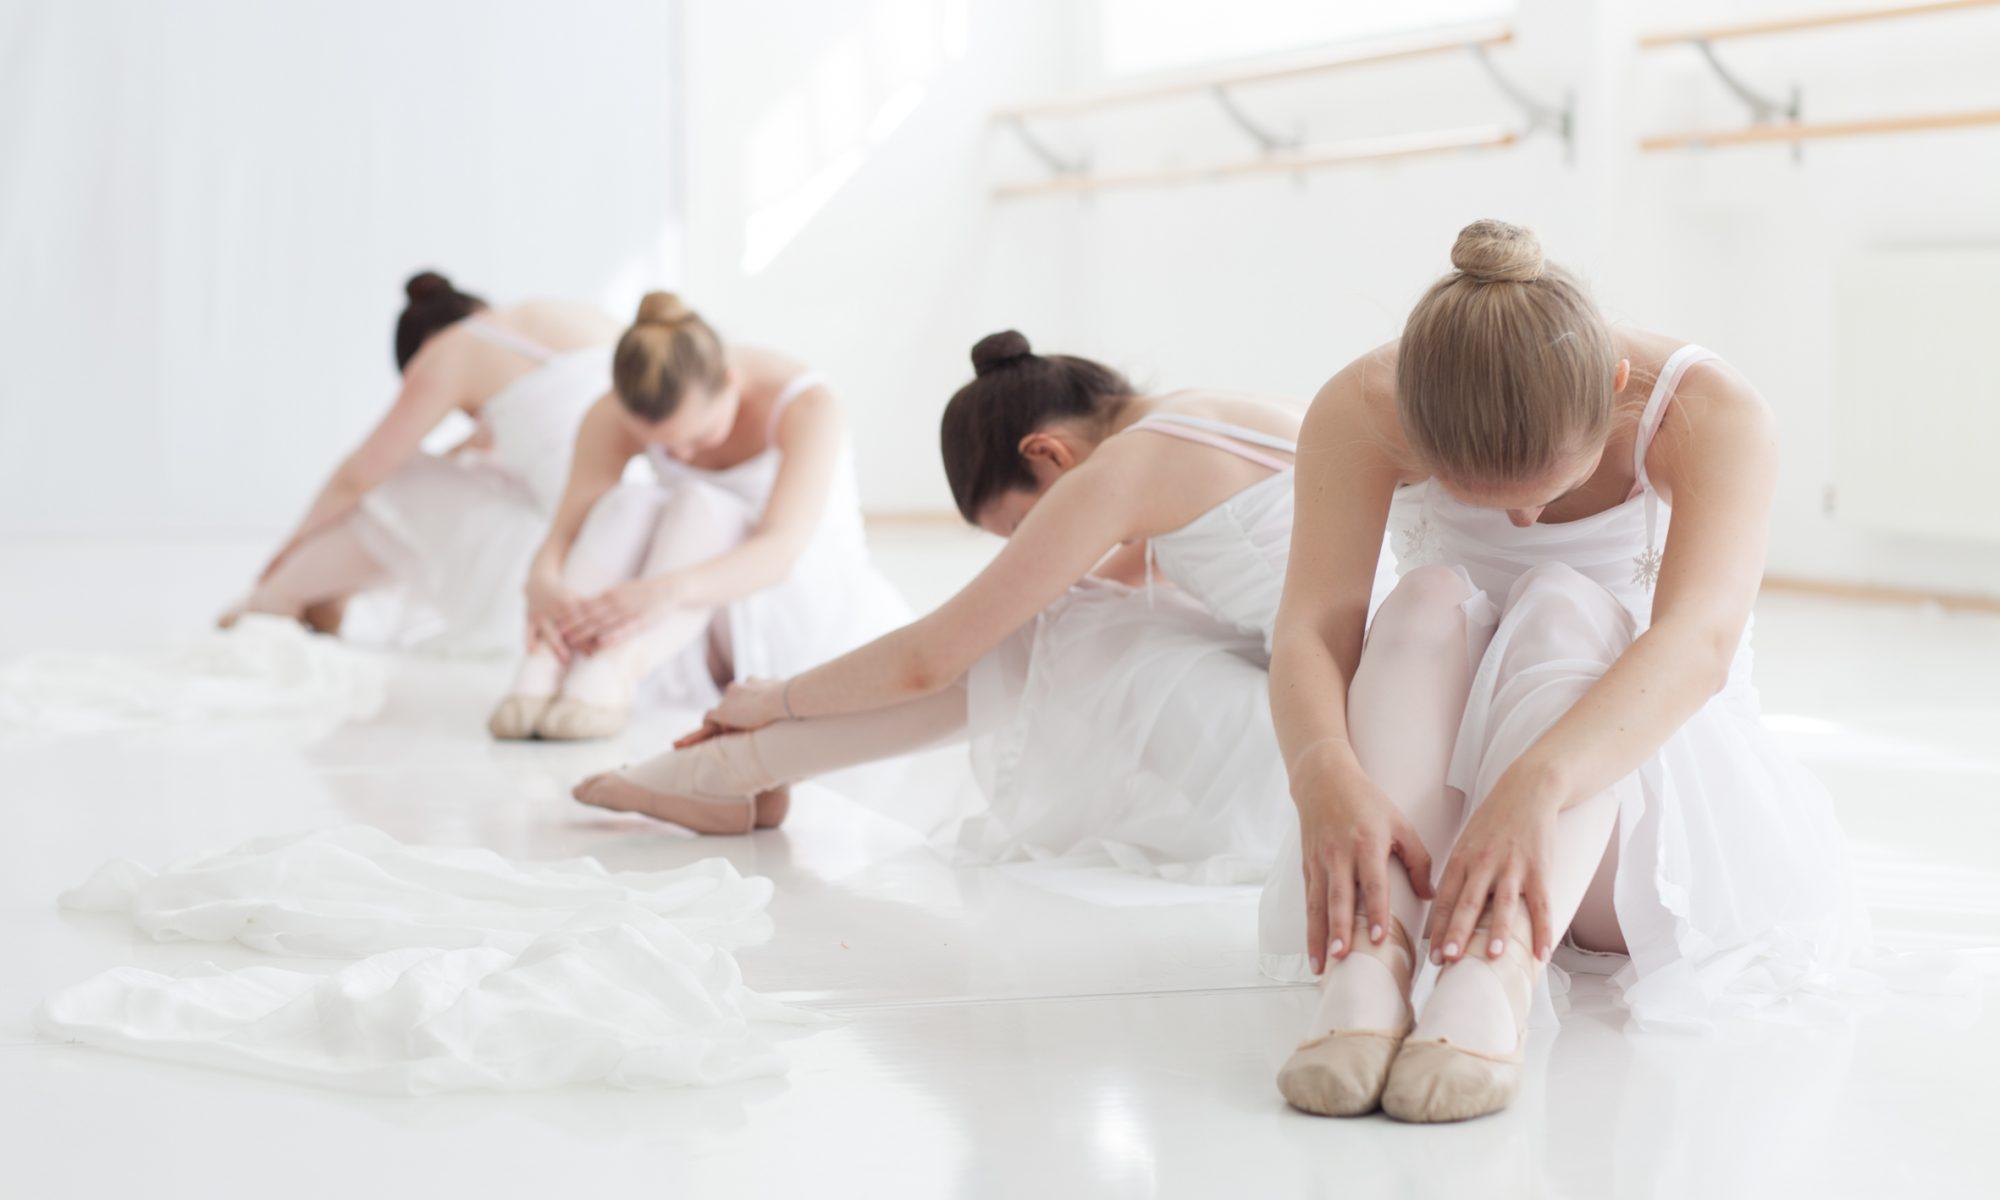 Ballettzentrum Taufkirchen - Ballettschülerinnen